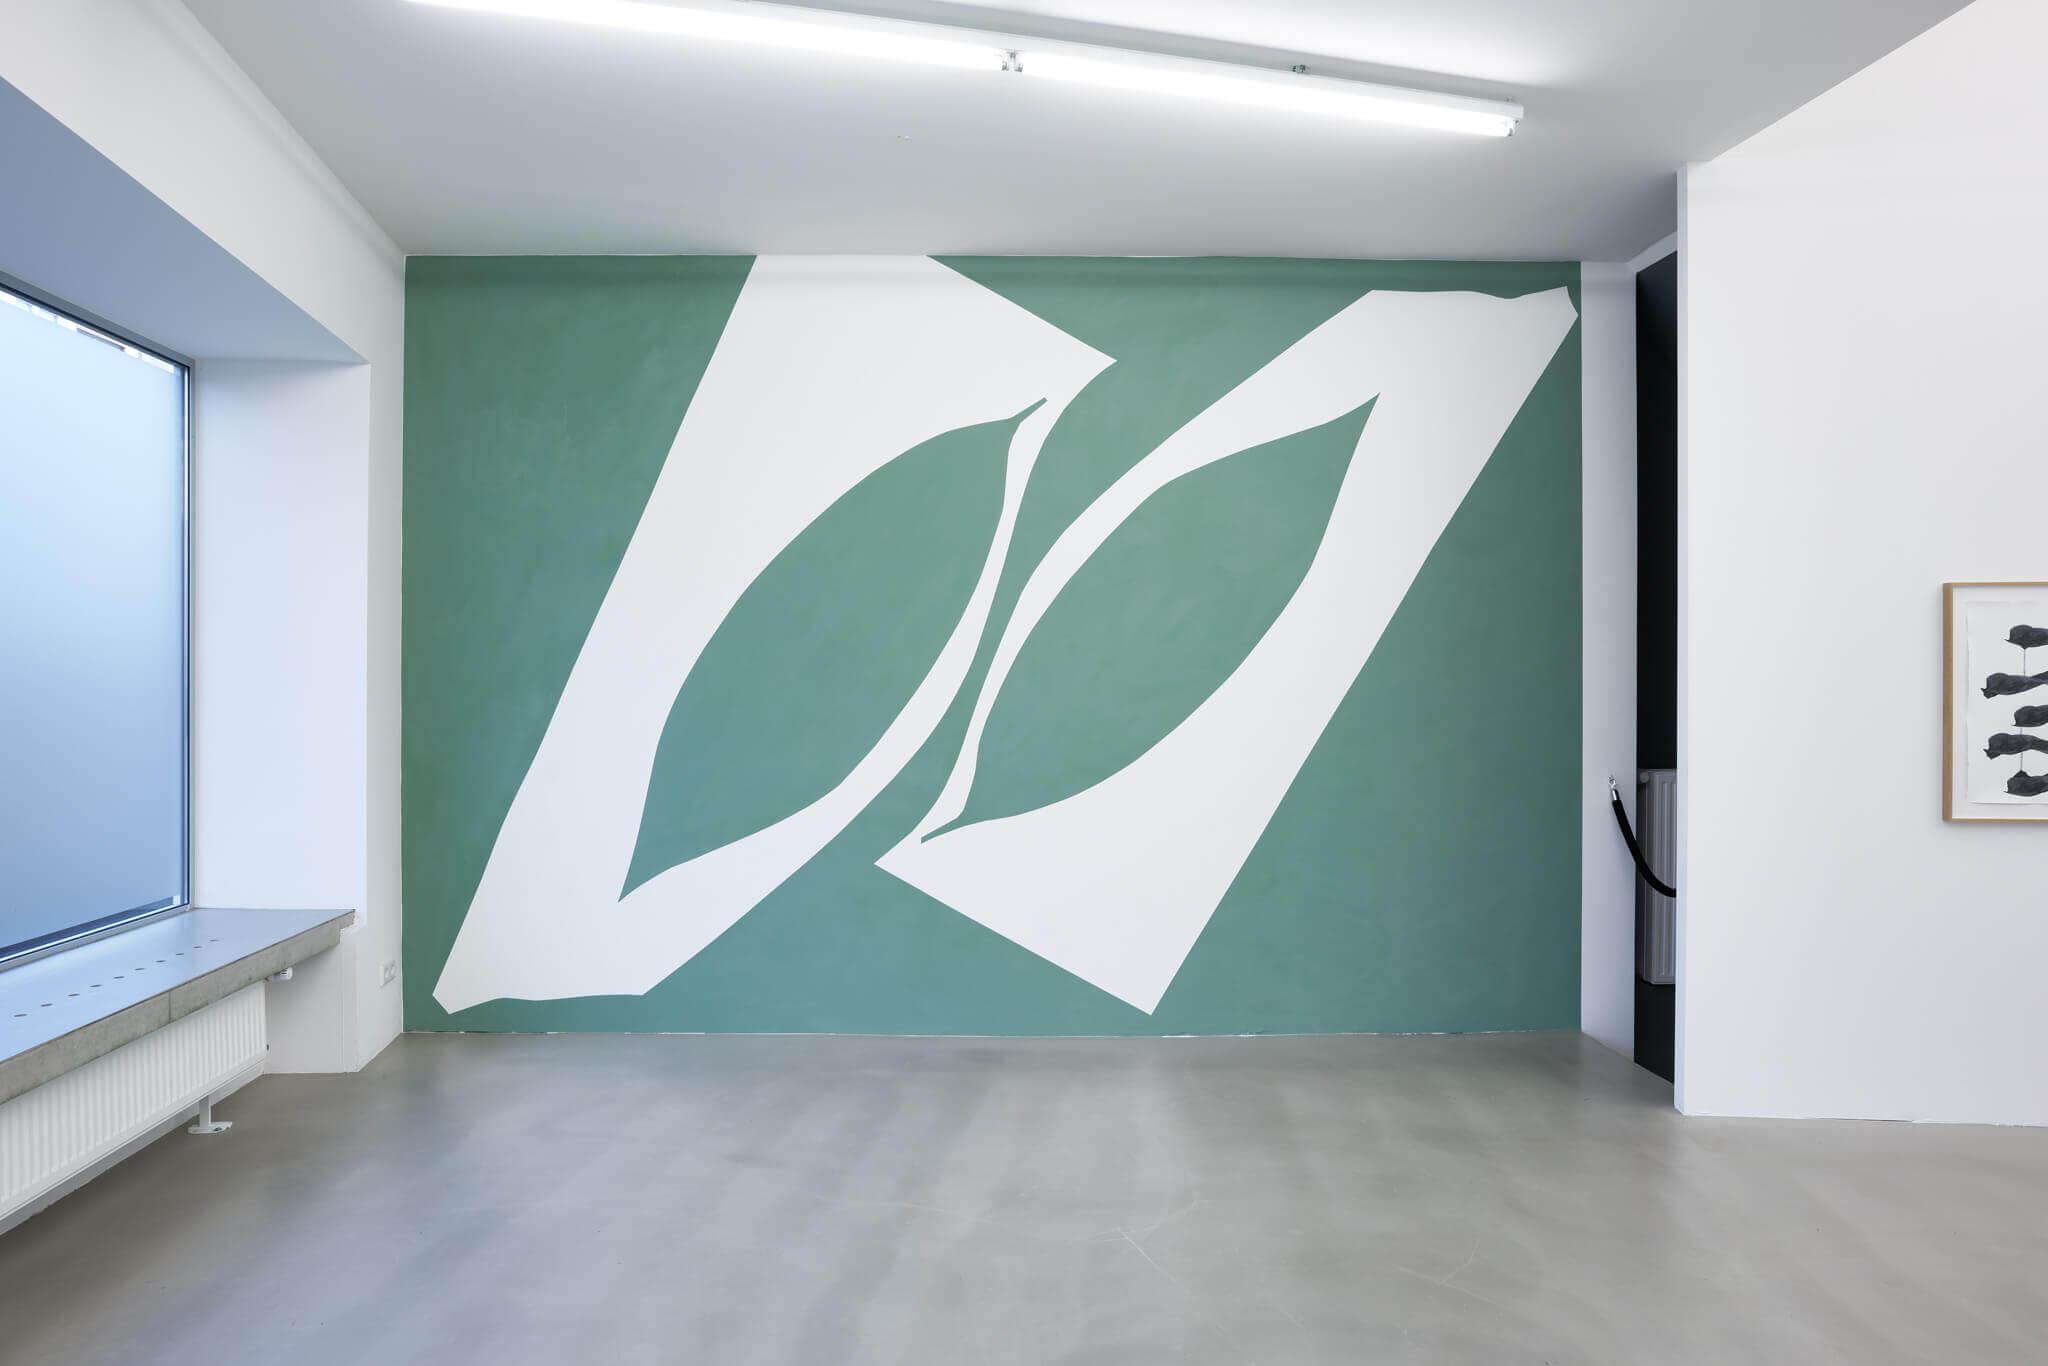 107_Frauke Dannert_Collage_Ausstellung_Wandmalerei_botanicals_Rupert Pfab Düsseldorf_ 2017 2